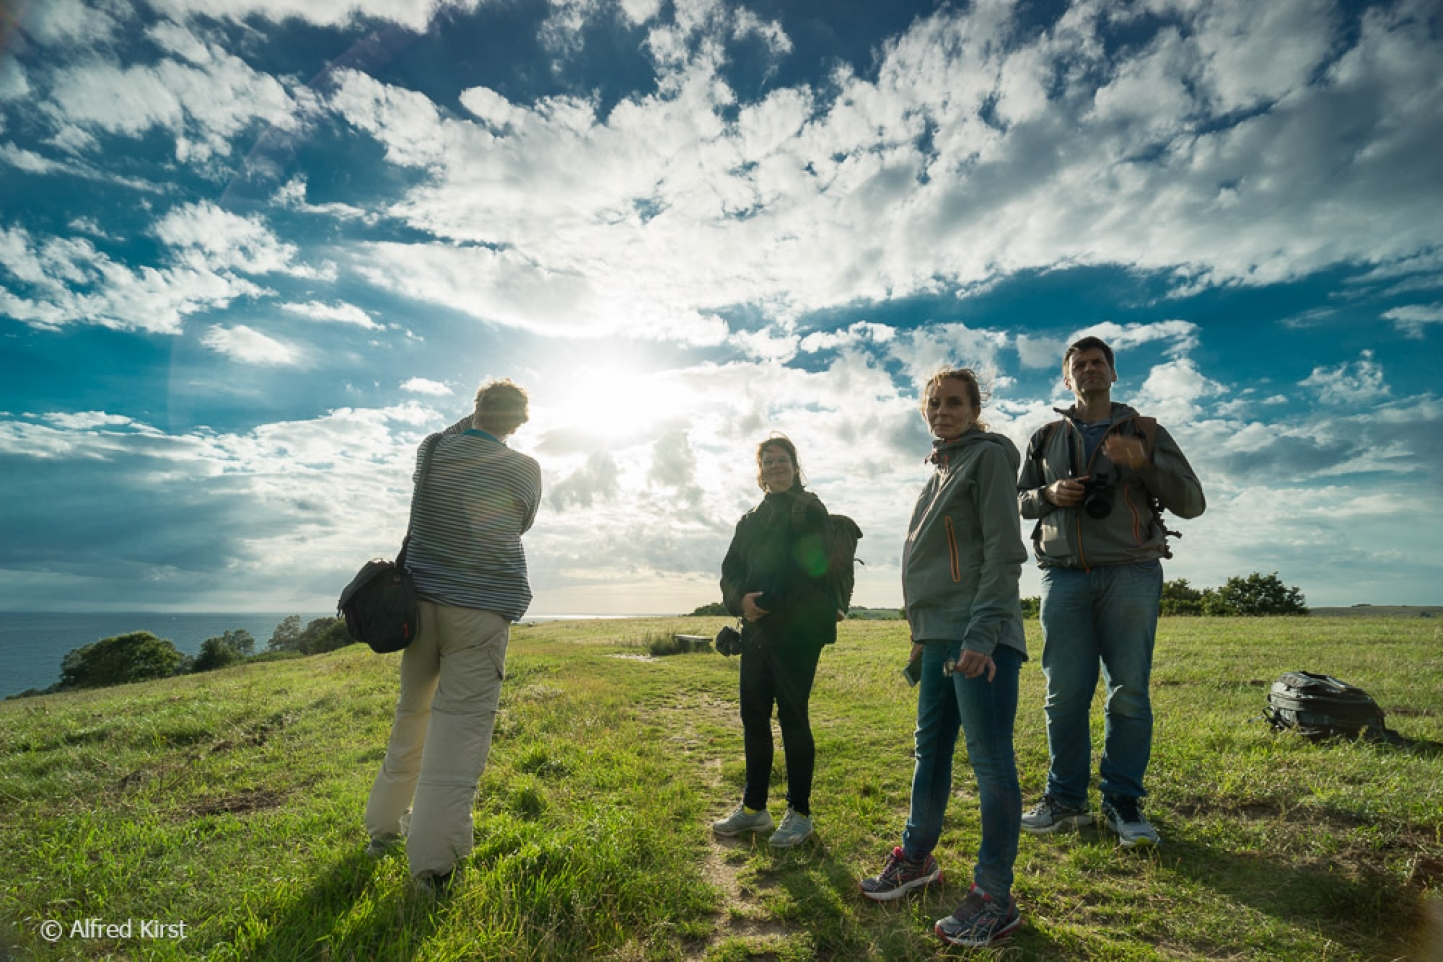 Das Bild hat Alfred Kirst, Fotoschüler von Jana Mänz (zweite von links) bei einem Ihrer Workshops auf Rügen aufgenommen.